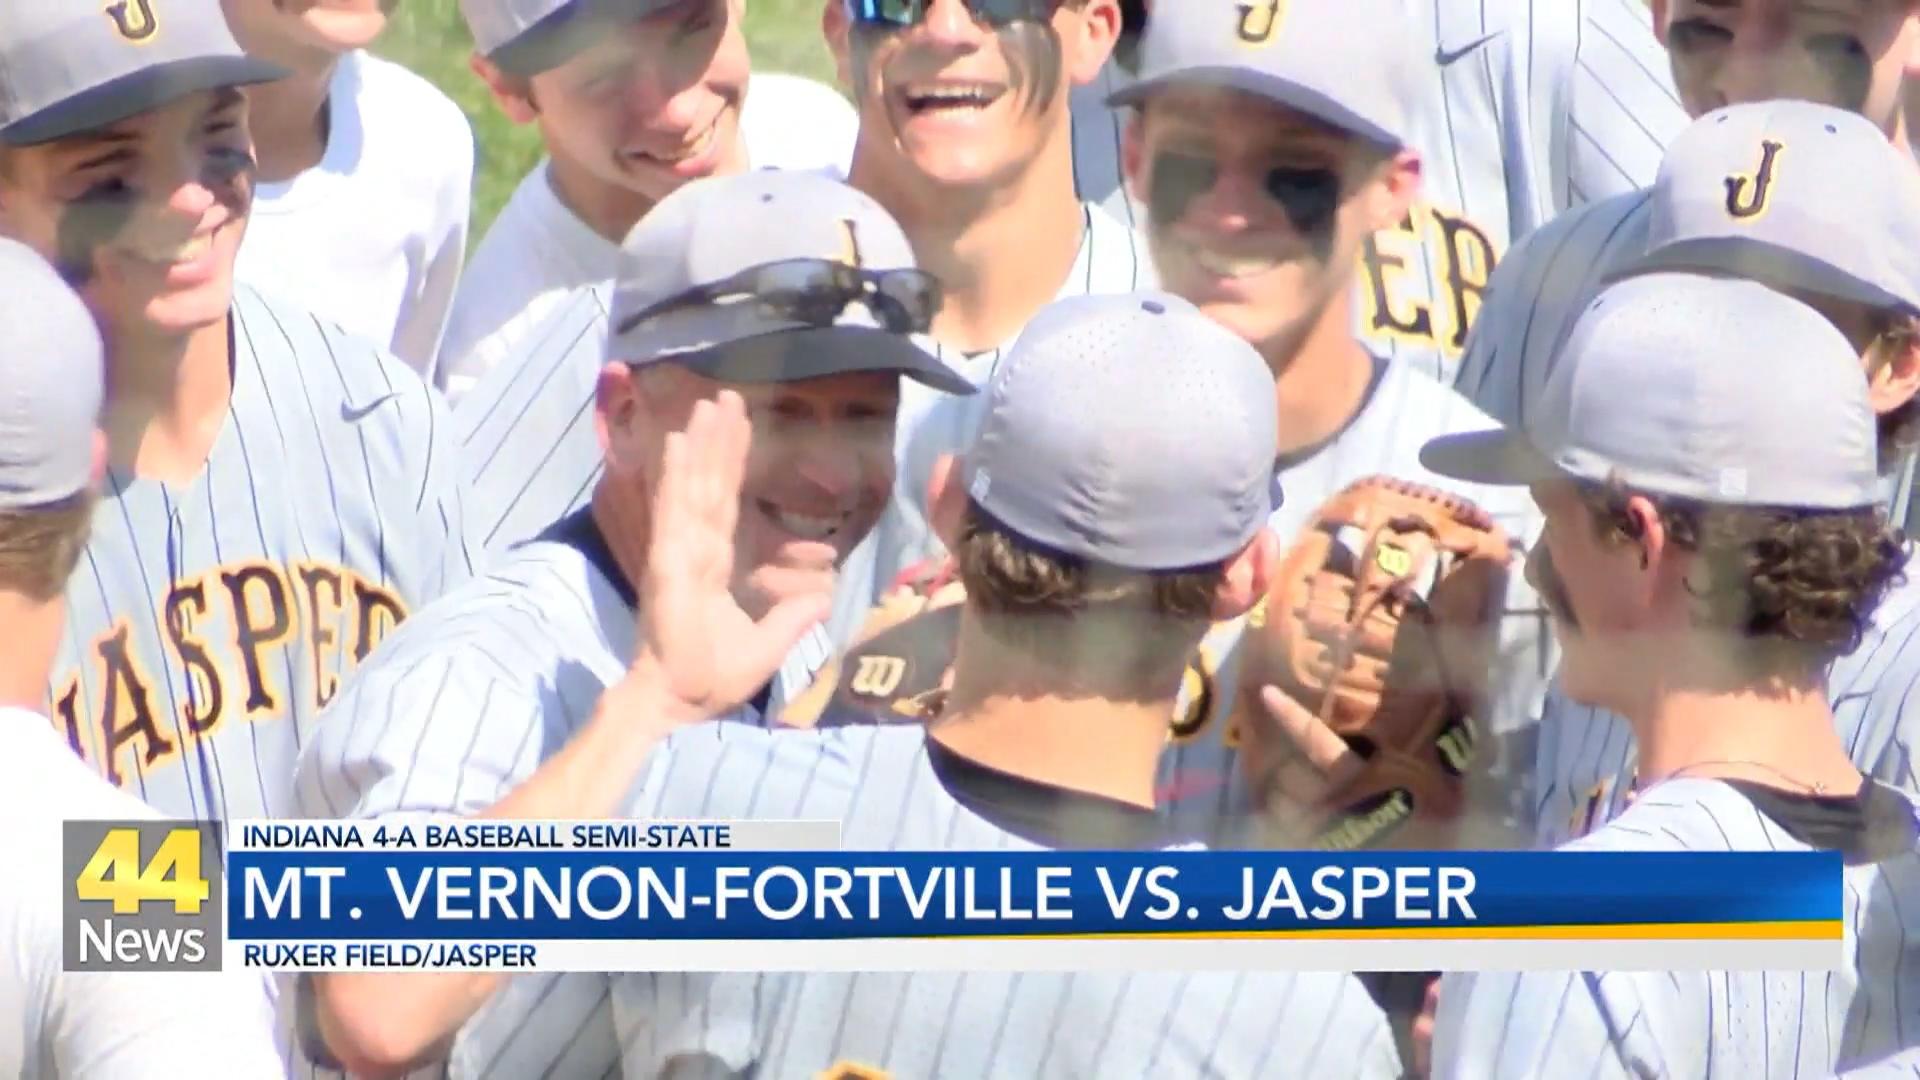 Image for HS Baseball - Mt. Vernon Fortville vs Jasper